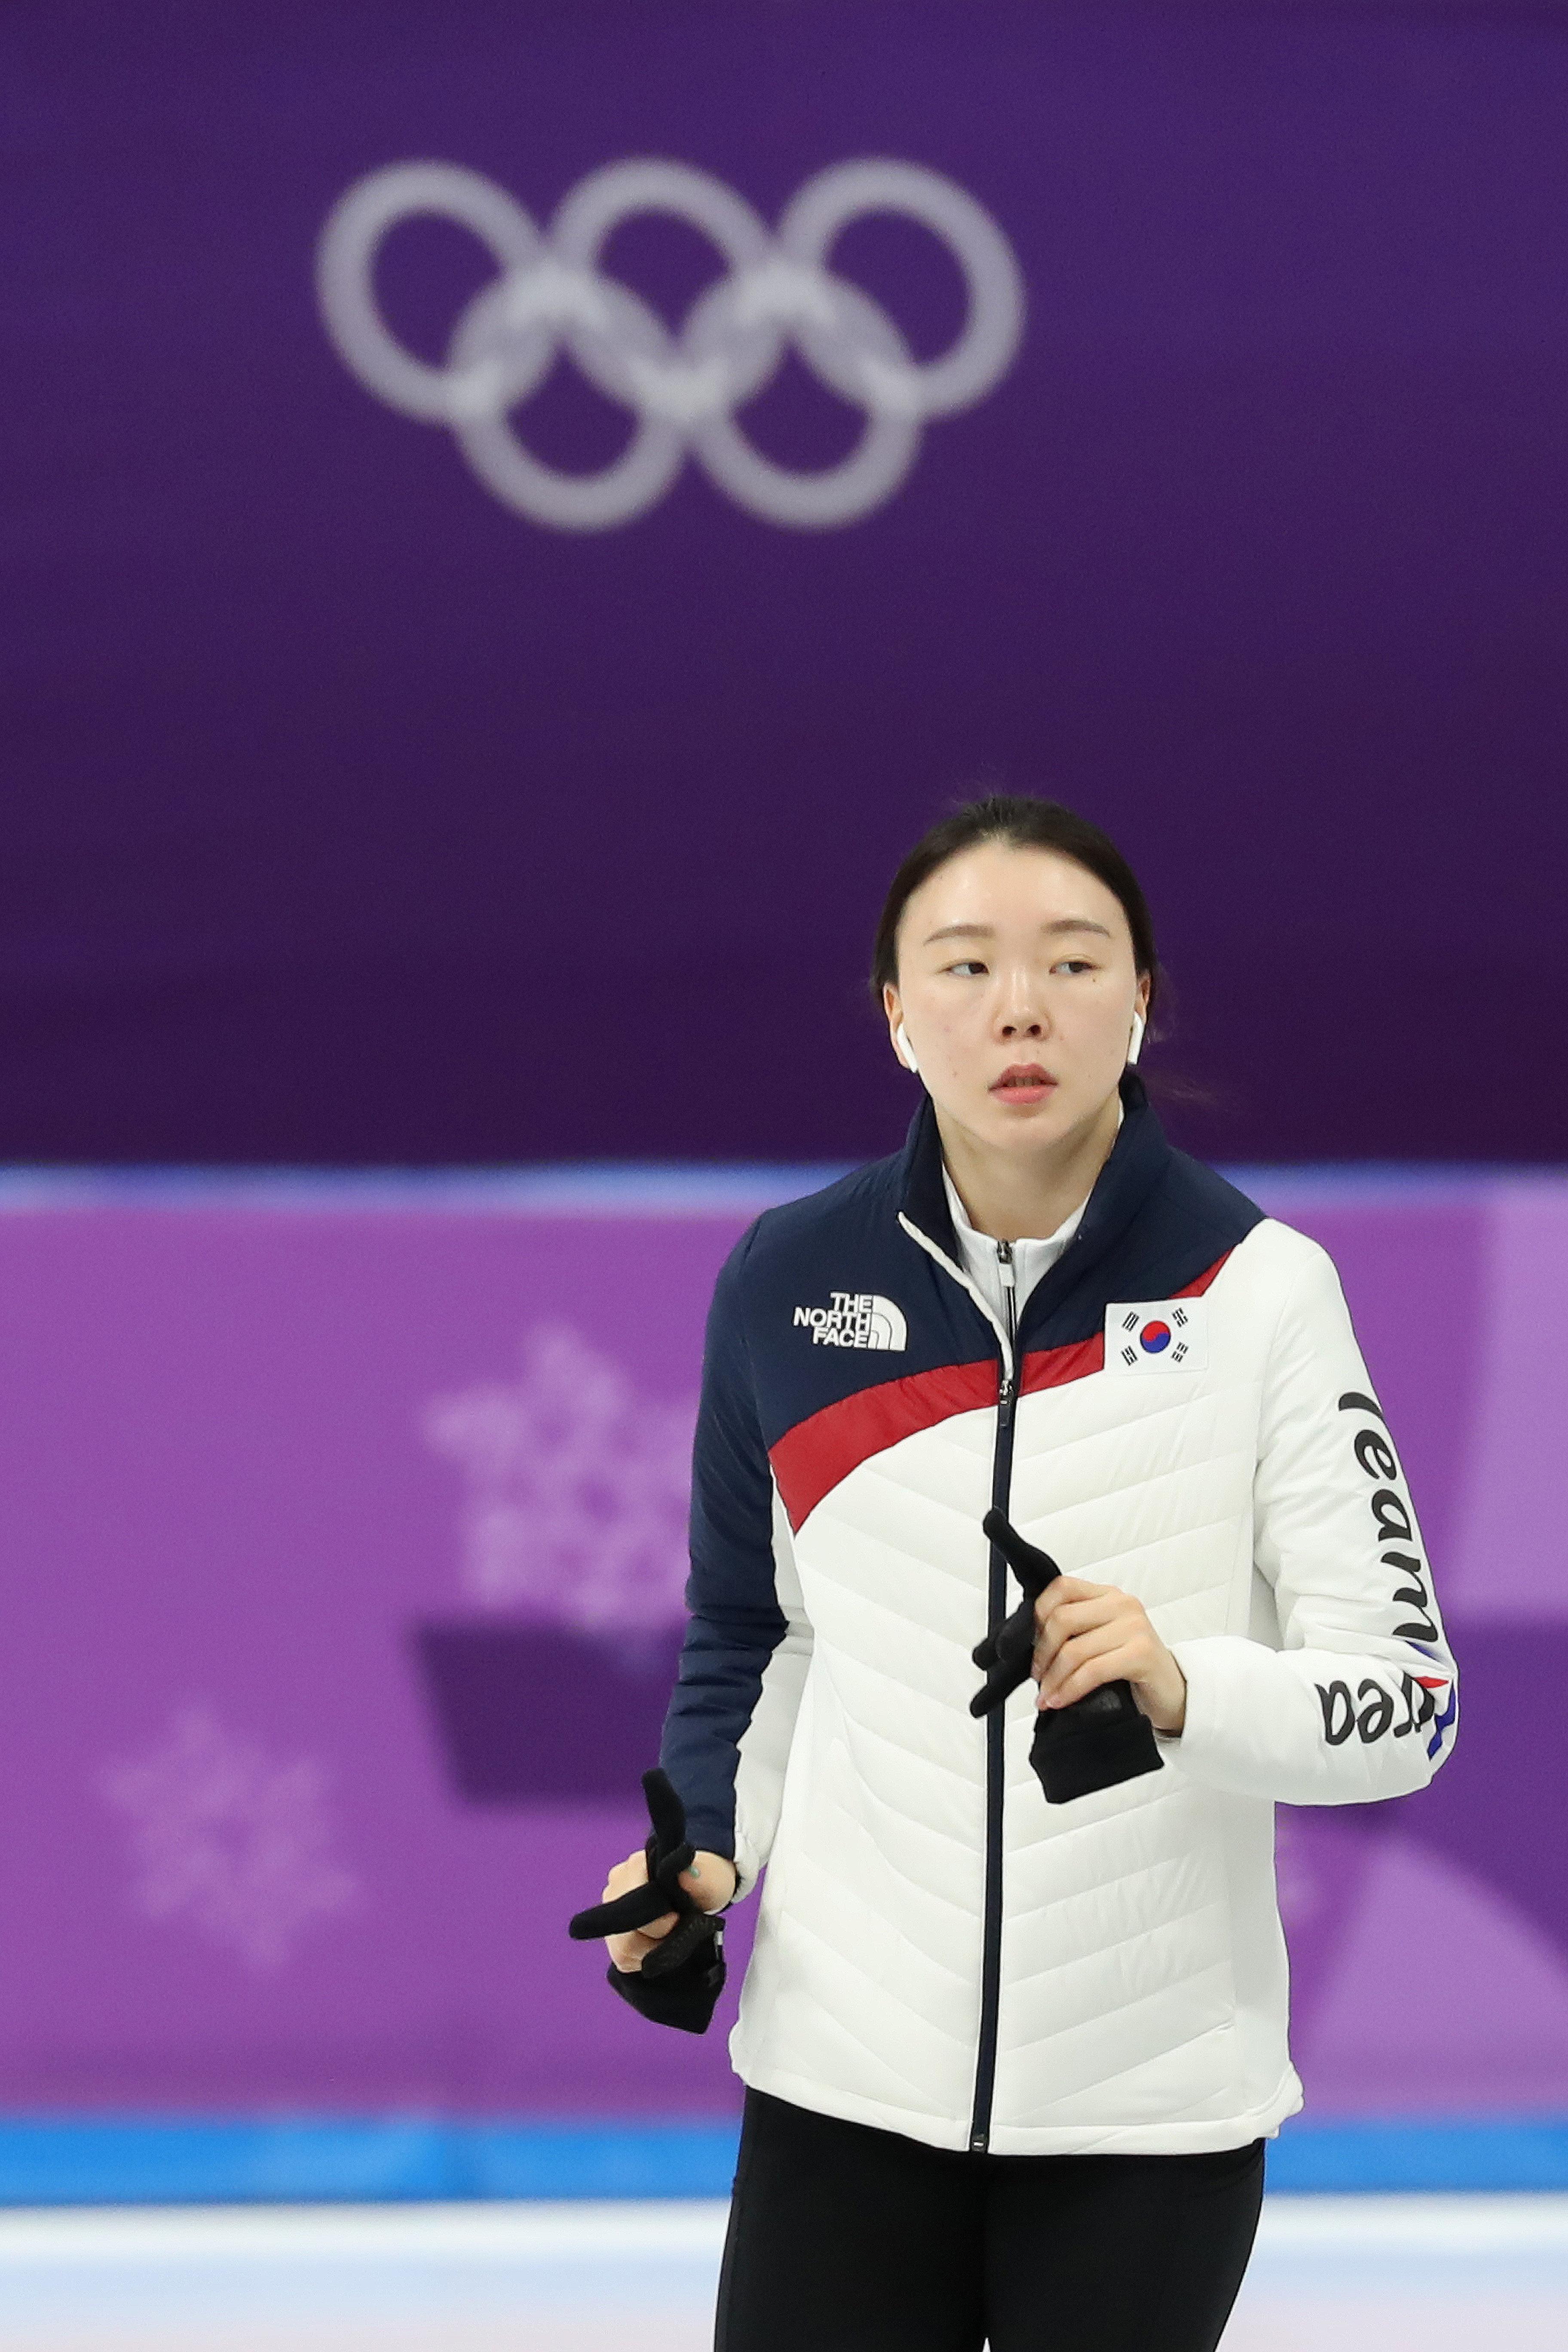 노선영이 김보름 폭로에 대응하지 않는